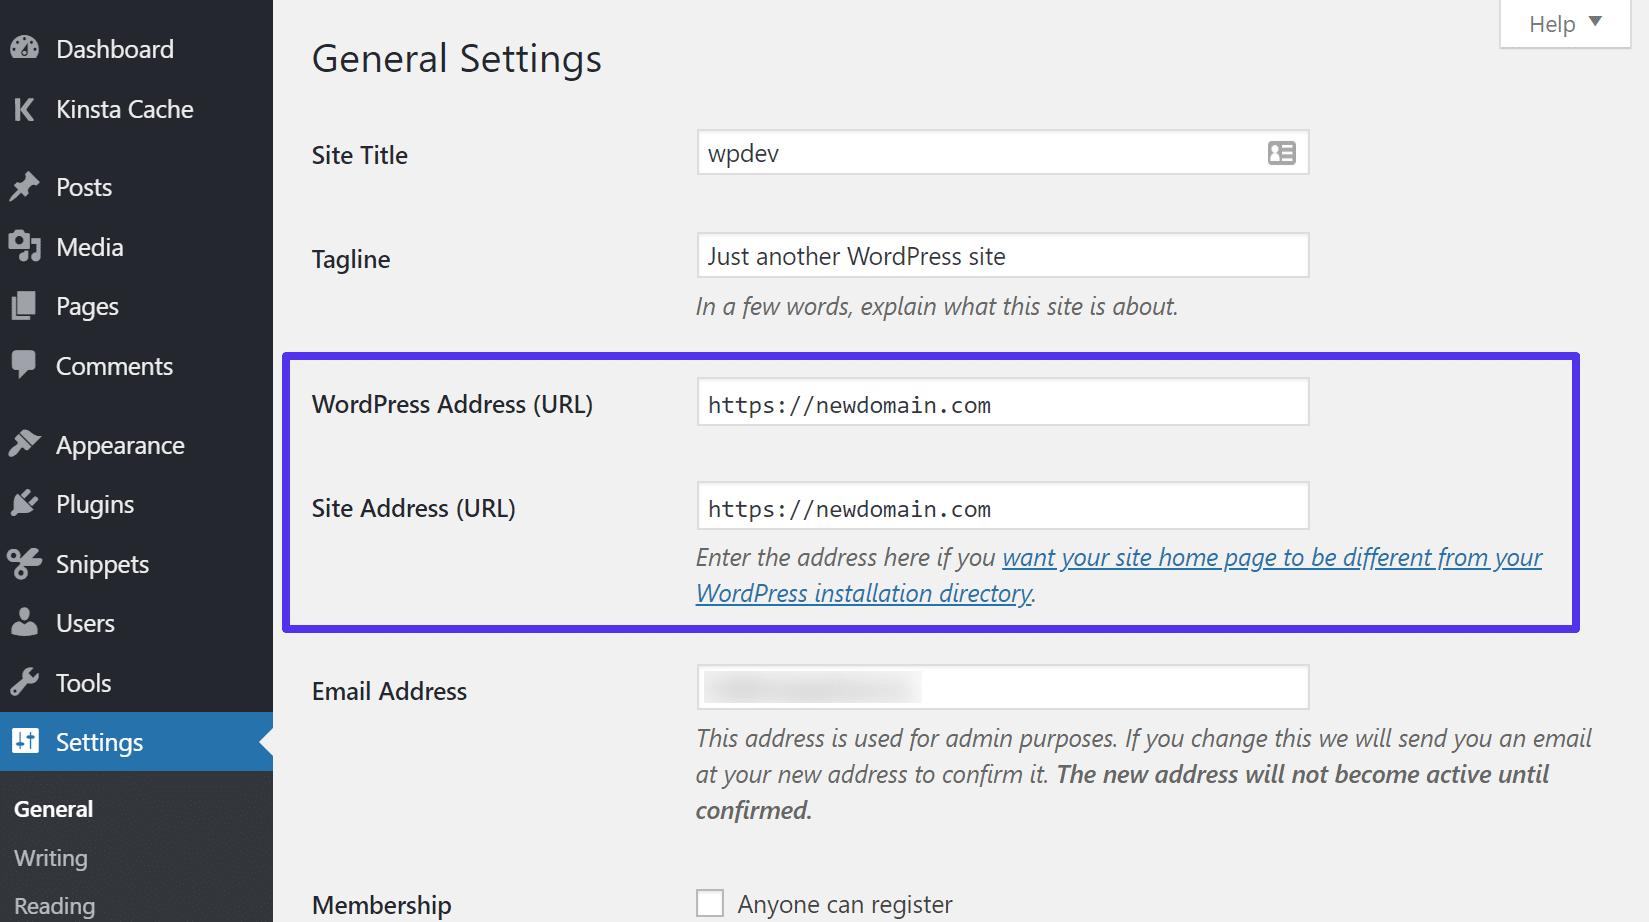 Mise à jour de l'adresse WordPress et de l'URL du site